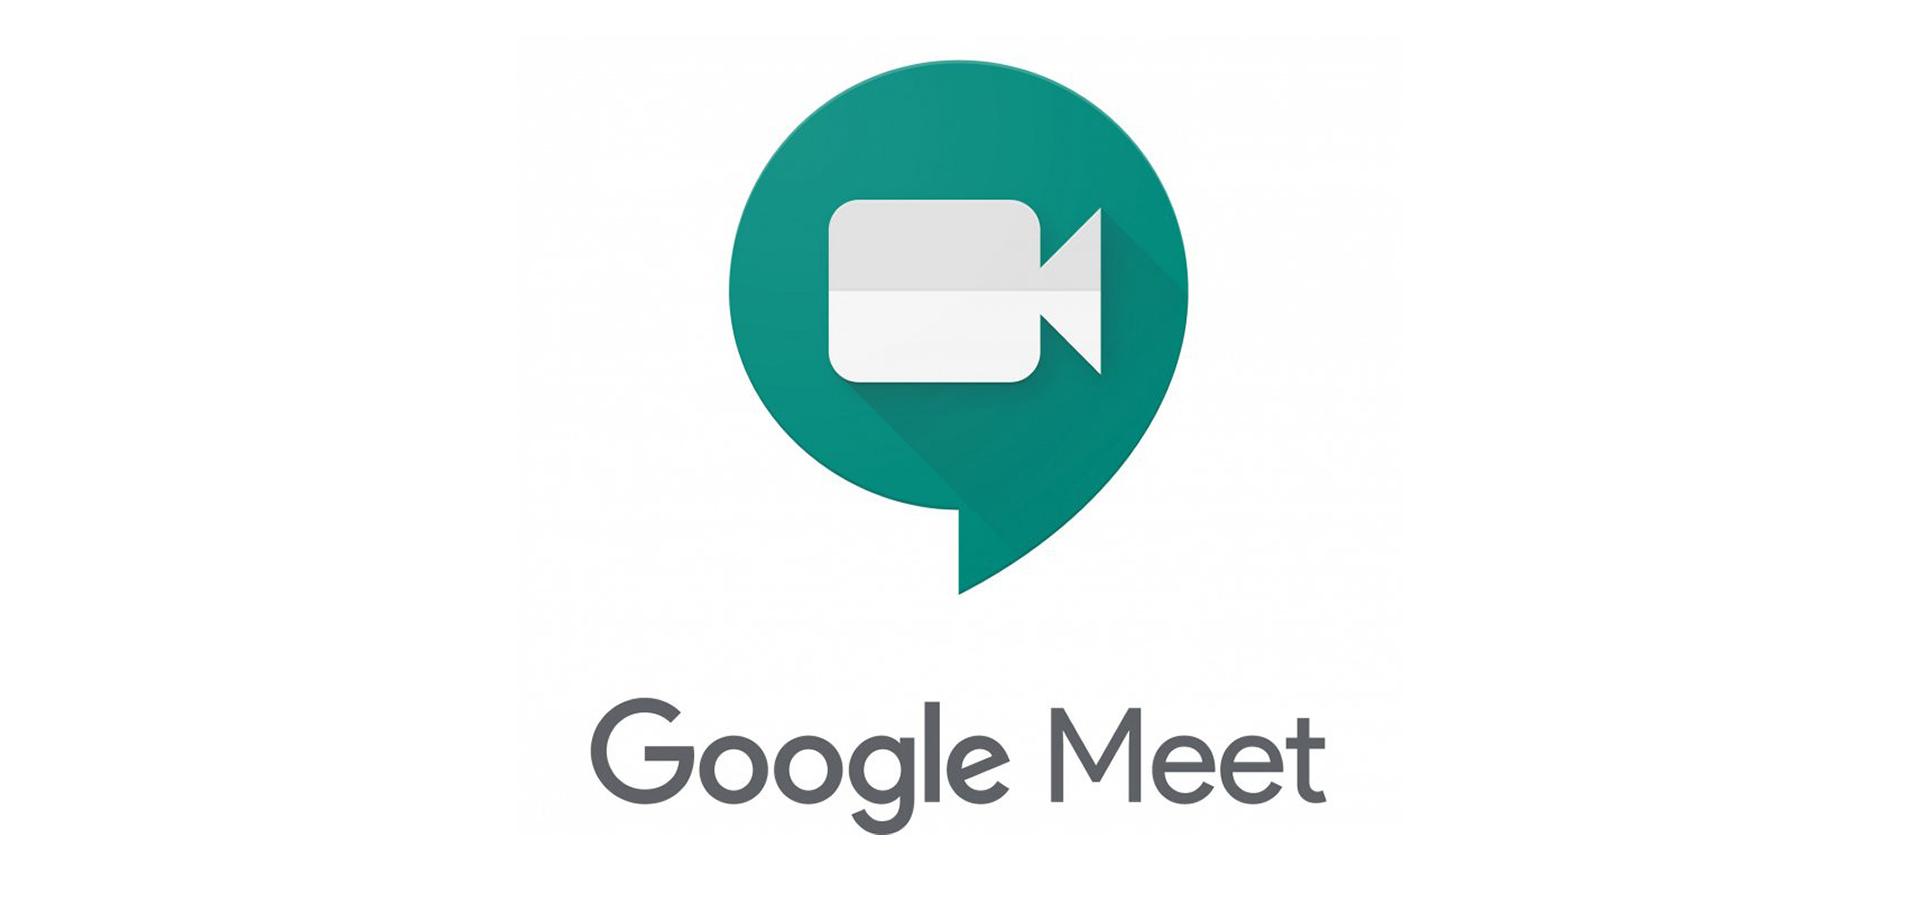 Google Meet začíná testovat překlad titulků v reálném čase